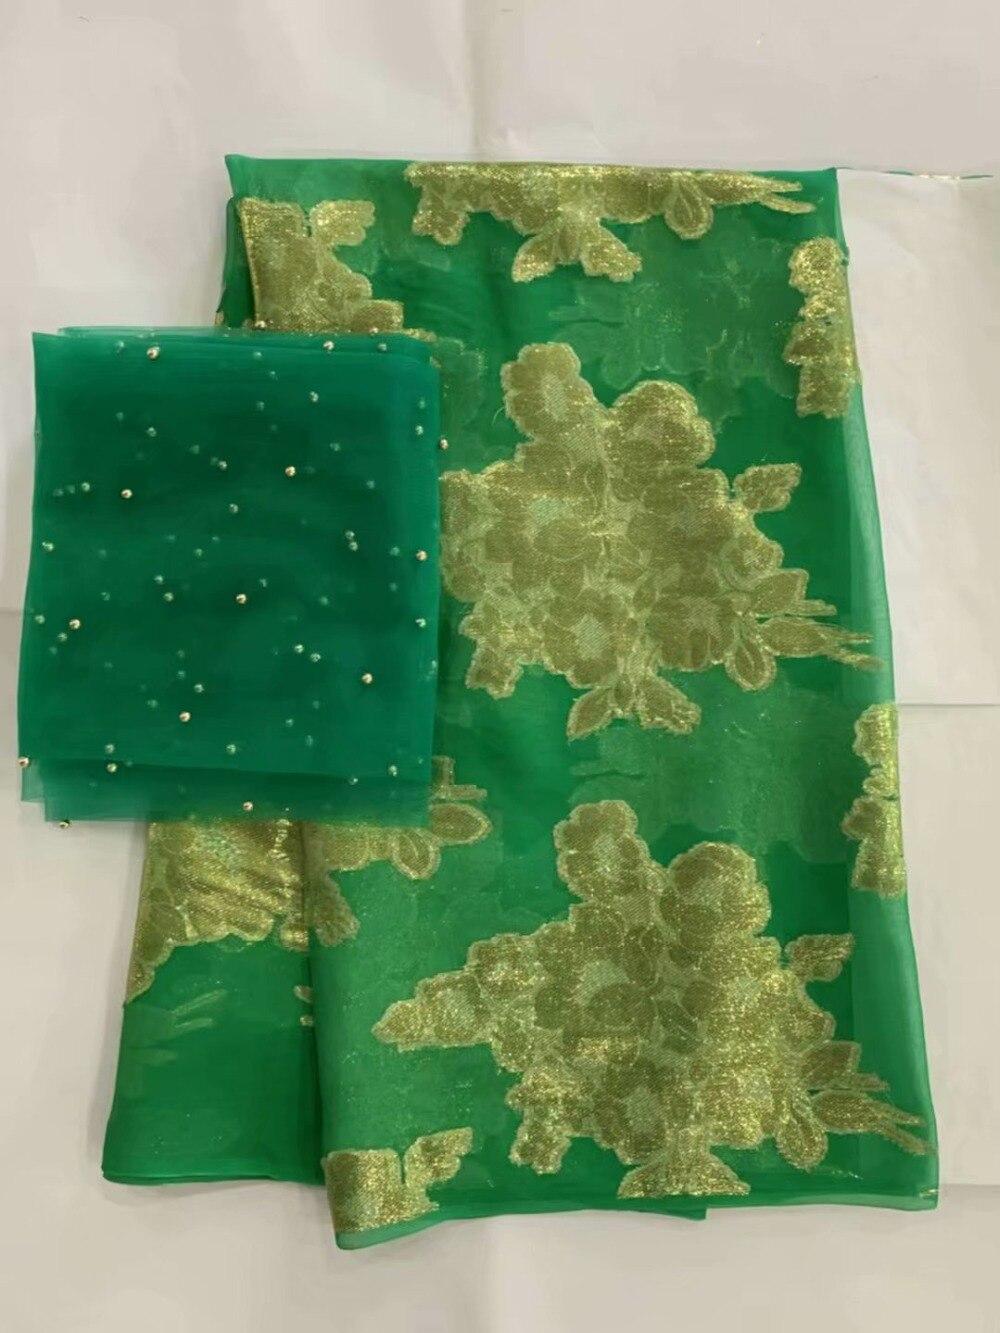 Złota nigeryjczyk koronki tkaniny wysokiej jakości tkaniny jedwabne 2019 satynowa sukienka materiał francuski koronki tkaniny tissu dentelle7yard/dużo L100  w Dekorowanie tkanin od Dom i ogród na  Grupa 2